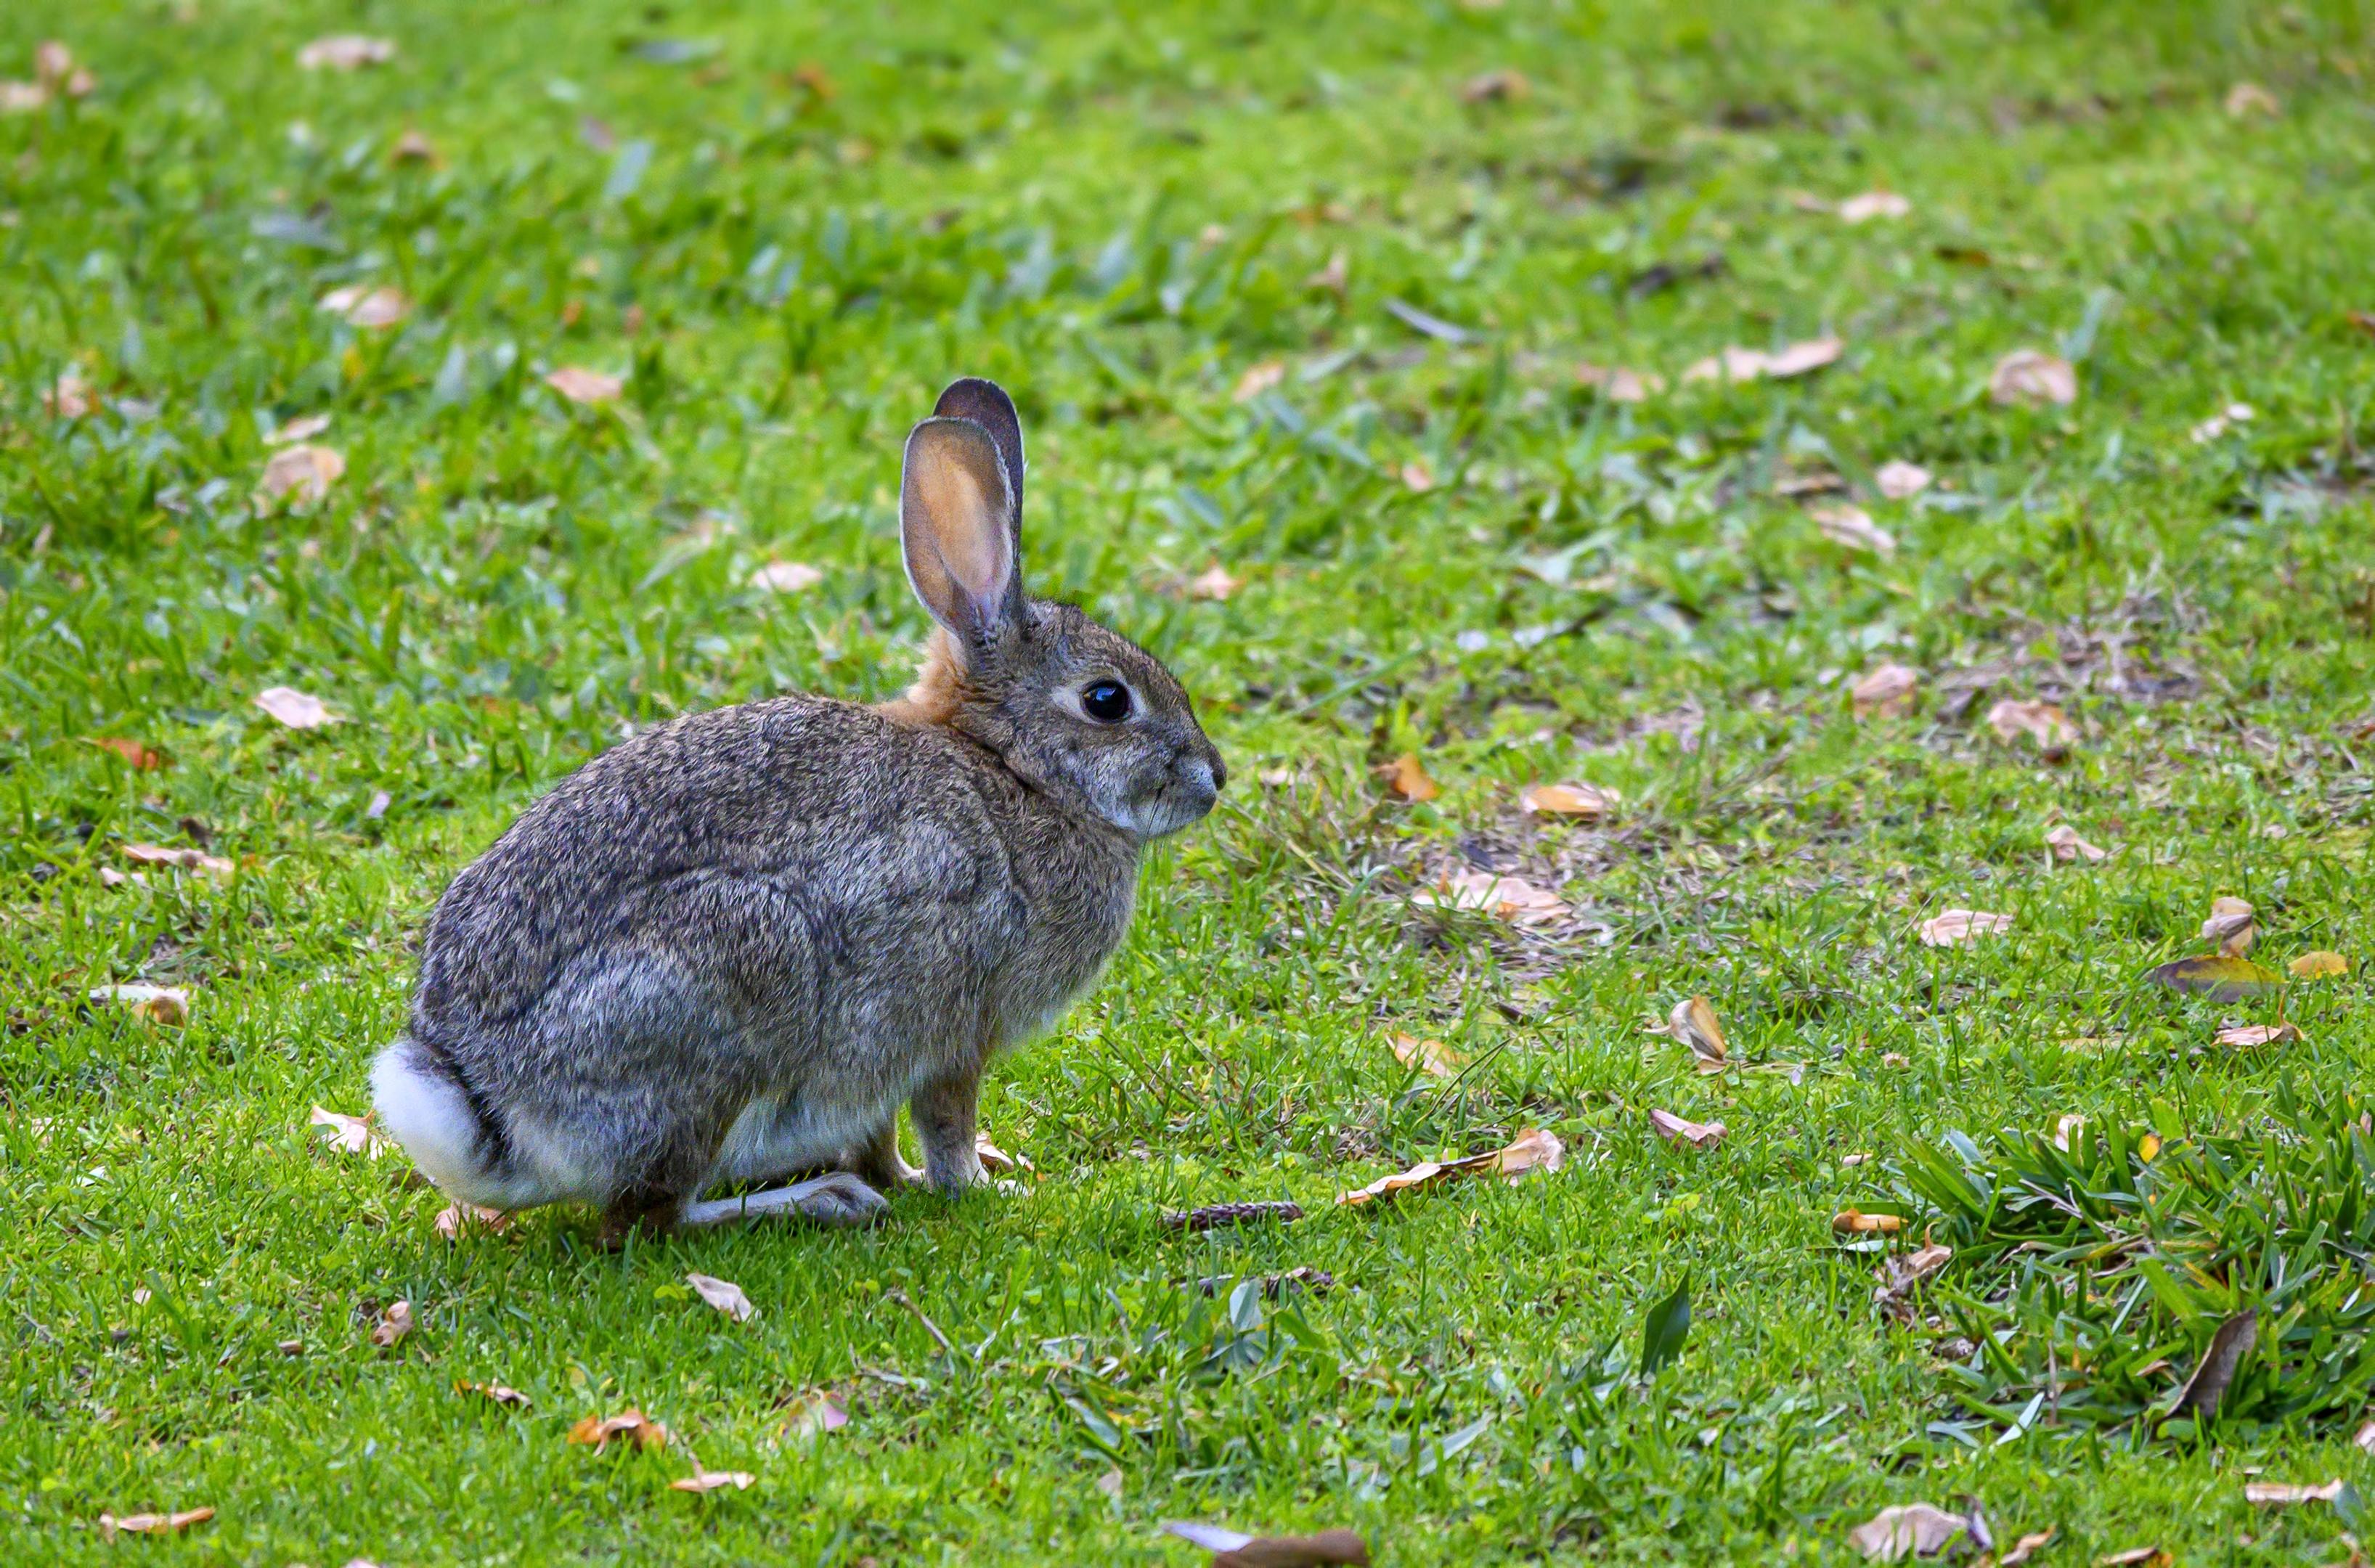 laguna beach bunny